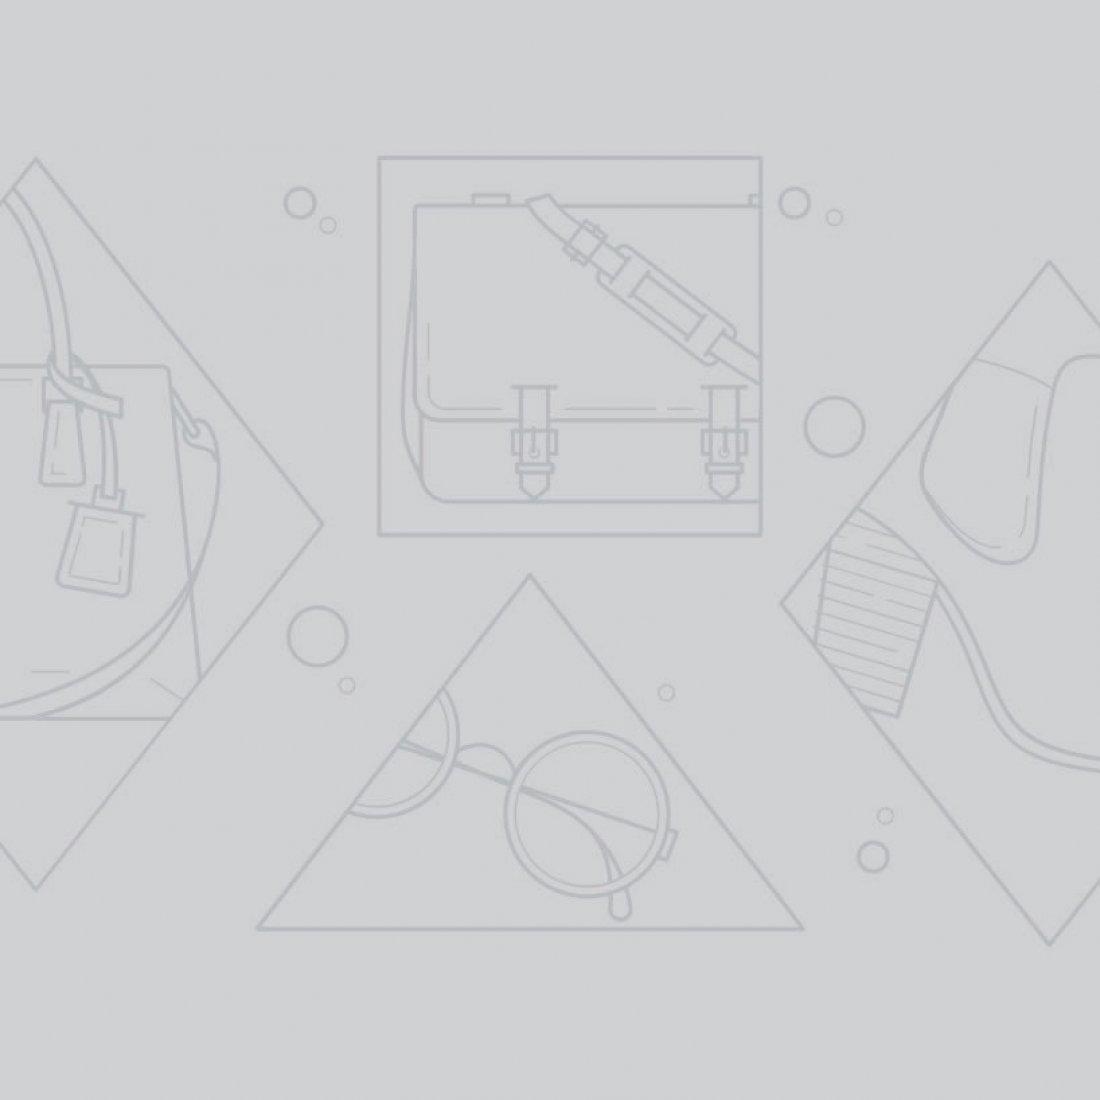 Купить манжет люка для стиральной машины SAMSUNG DC61-20219 А оптом, фотография 2